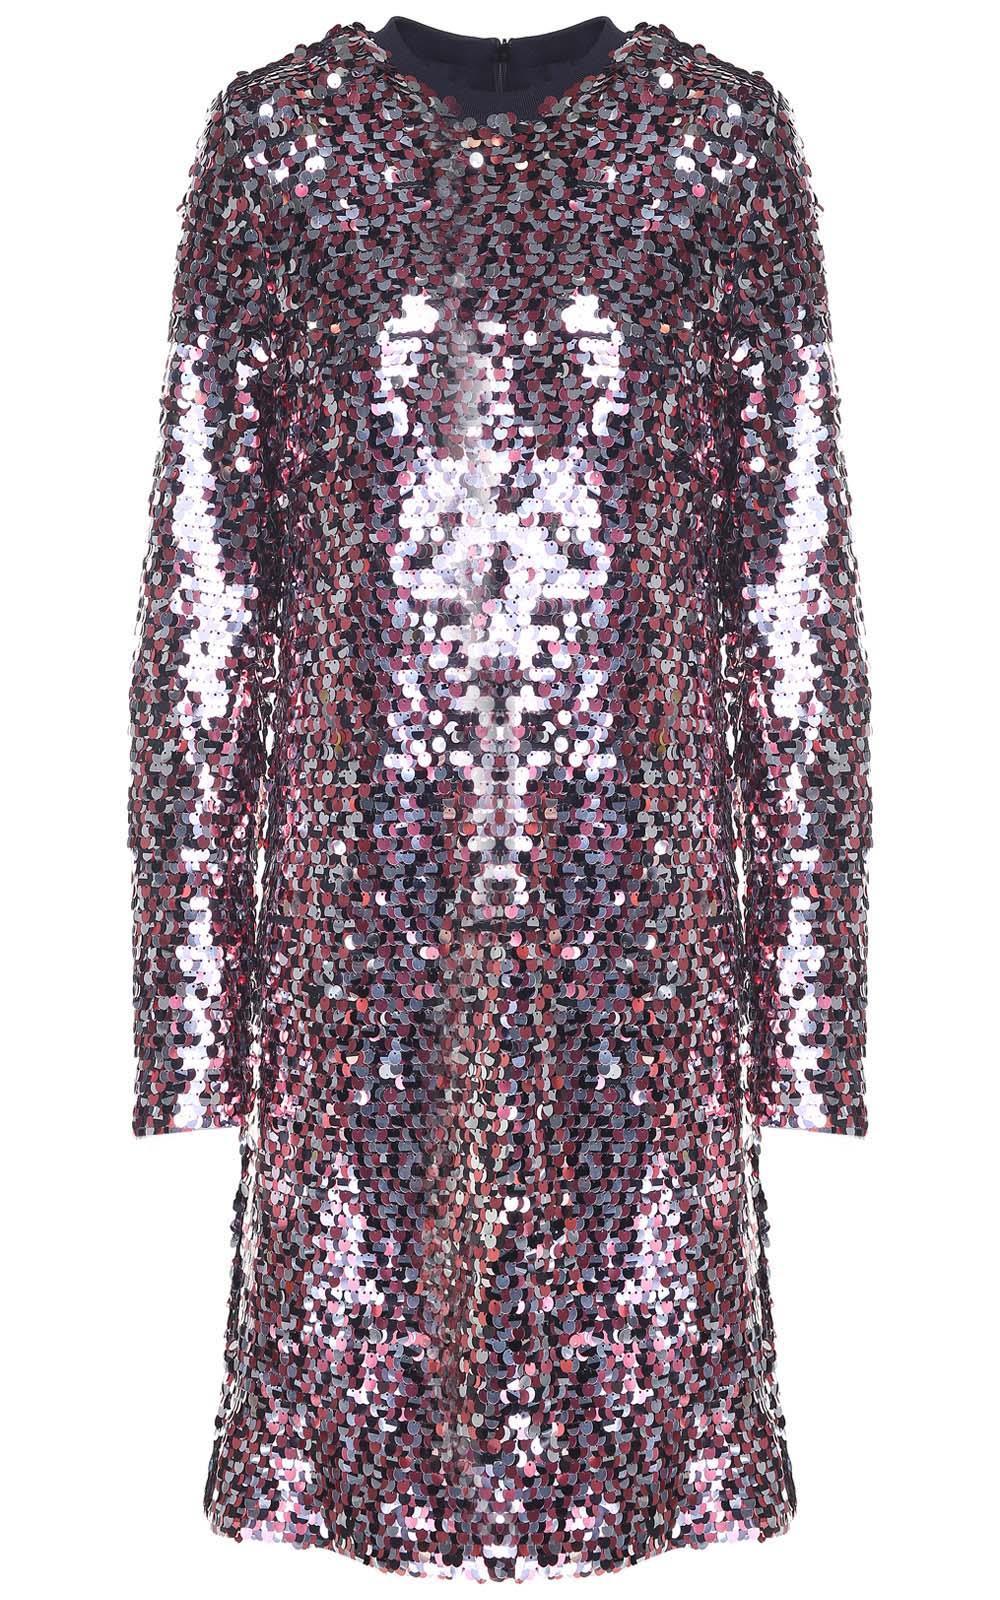 McQ Alexander McQueen Sequin-embellished Dress